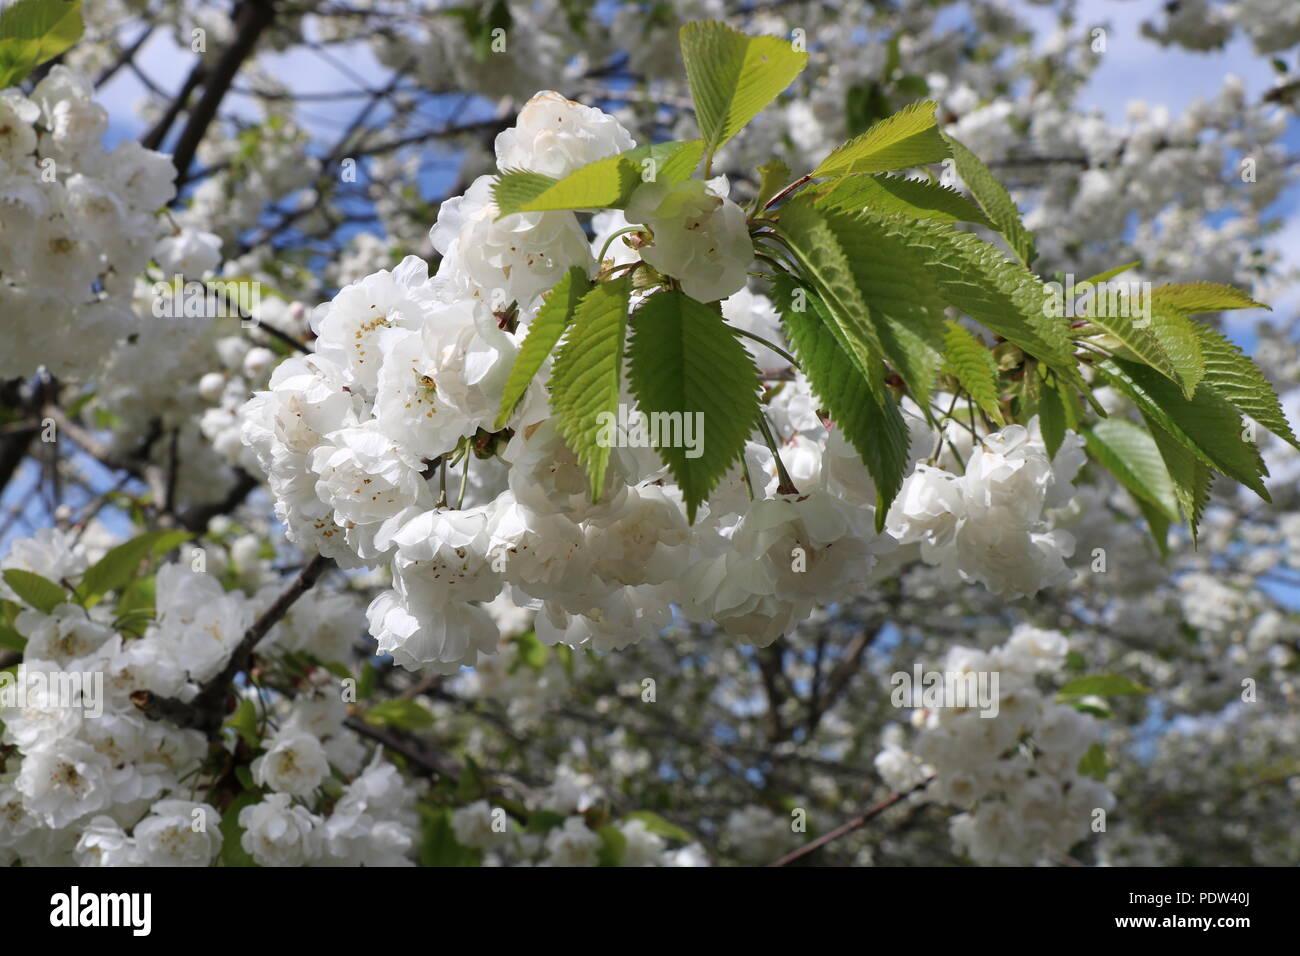 Fiori Bianchi In Primavera.Fiore Bianco Su Un Albero In Primavera I Fiori Bianchi Primaverili